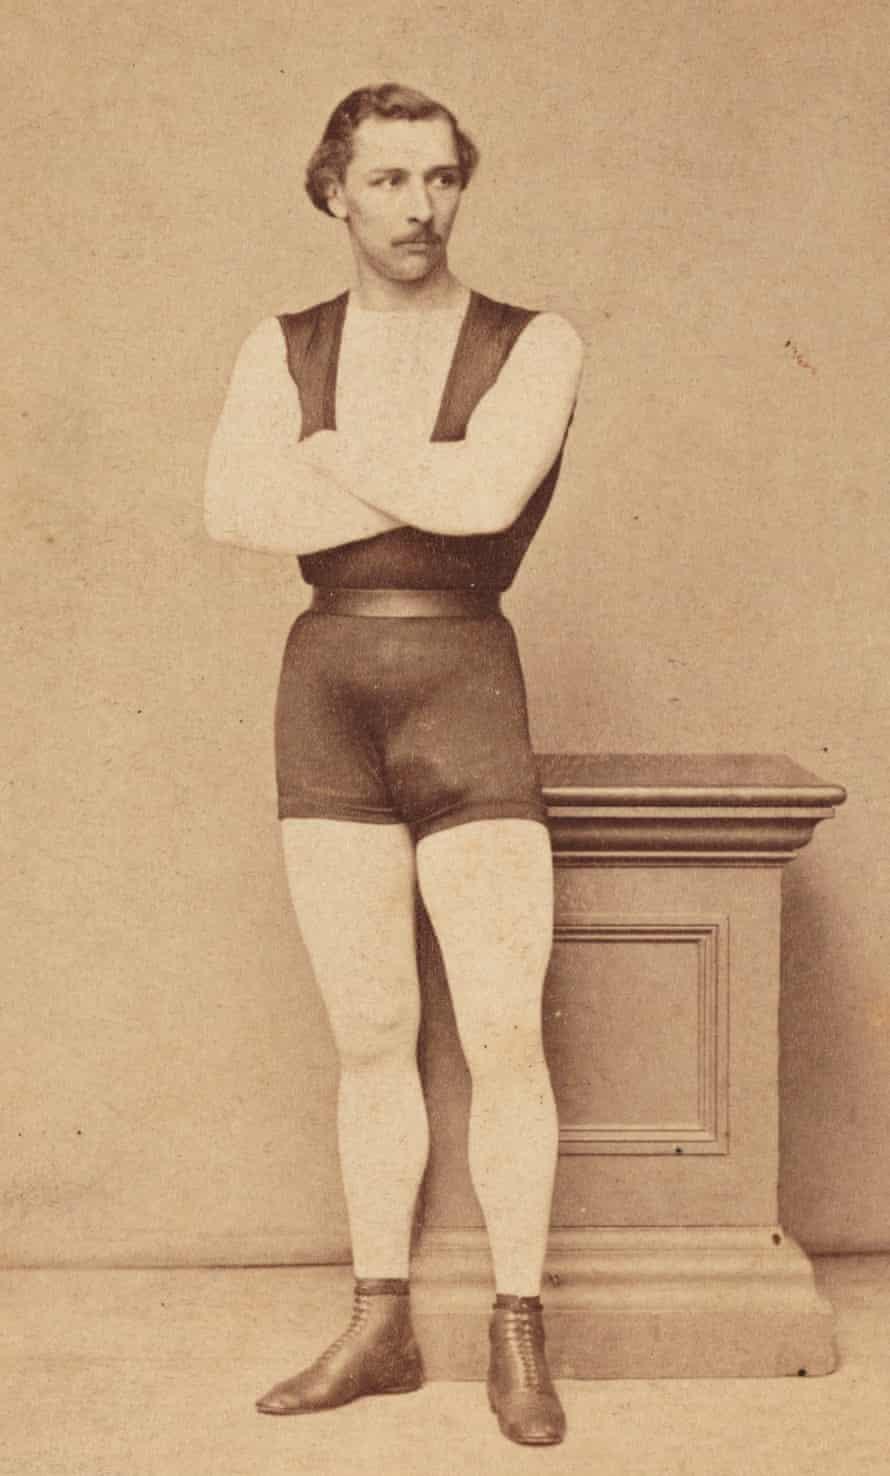 A carte-de-visite portrait of Jules Léotard